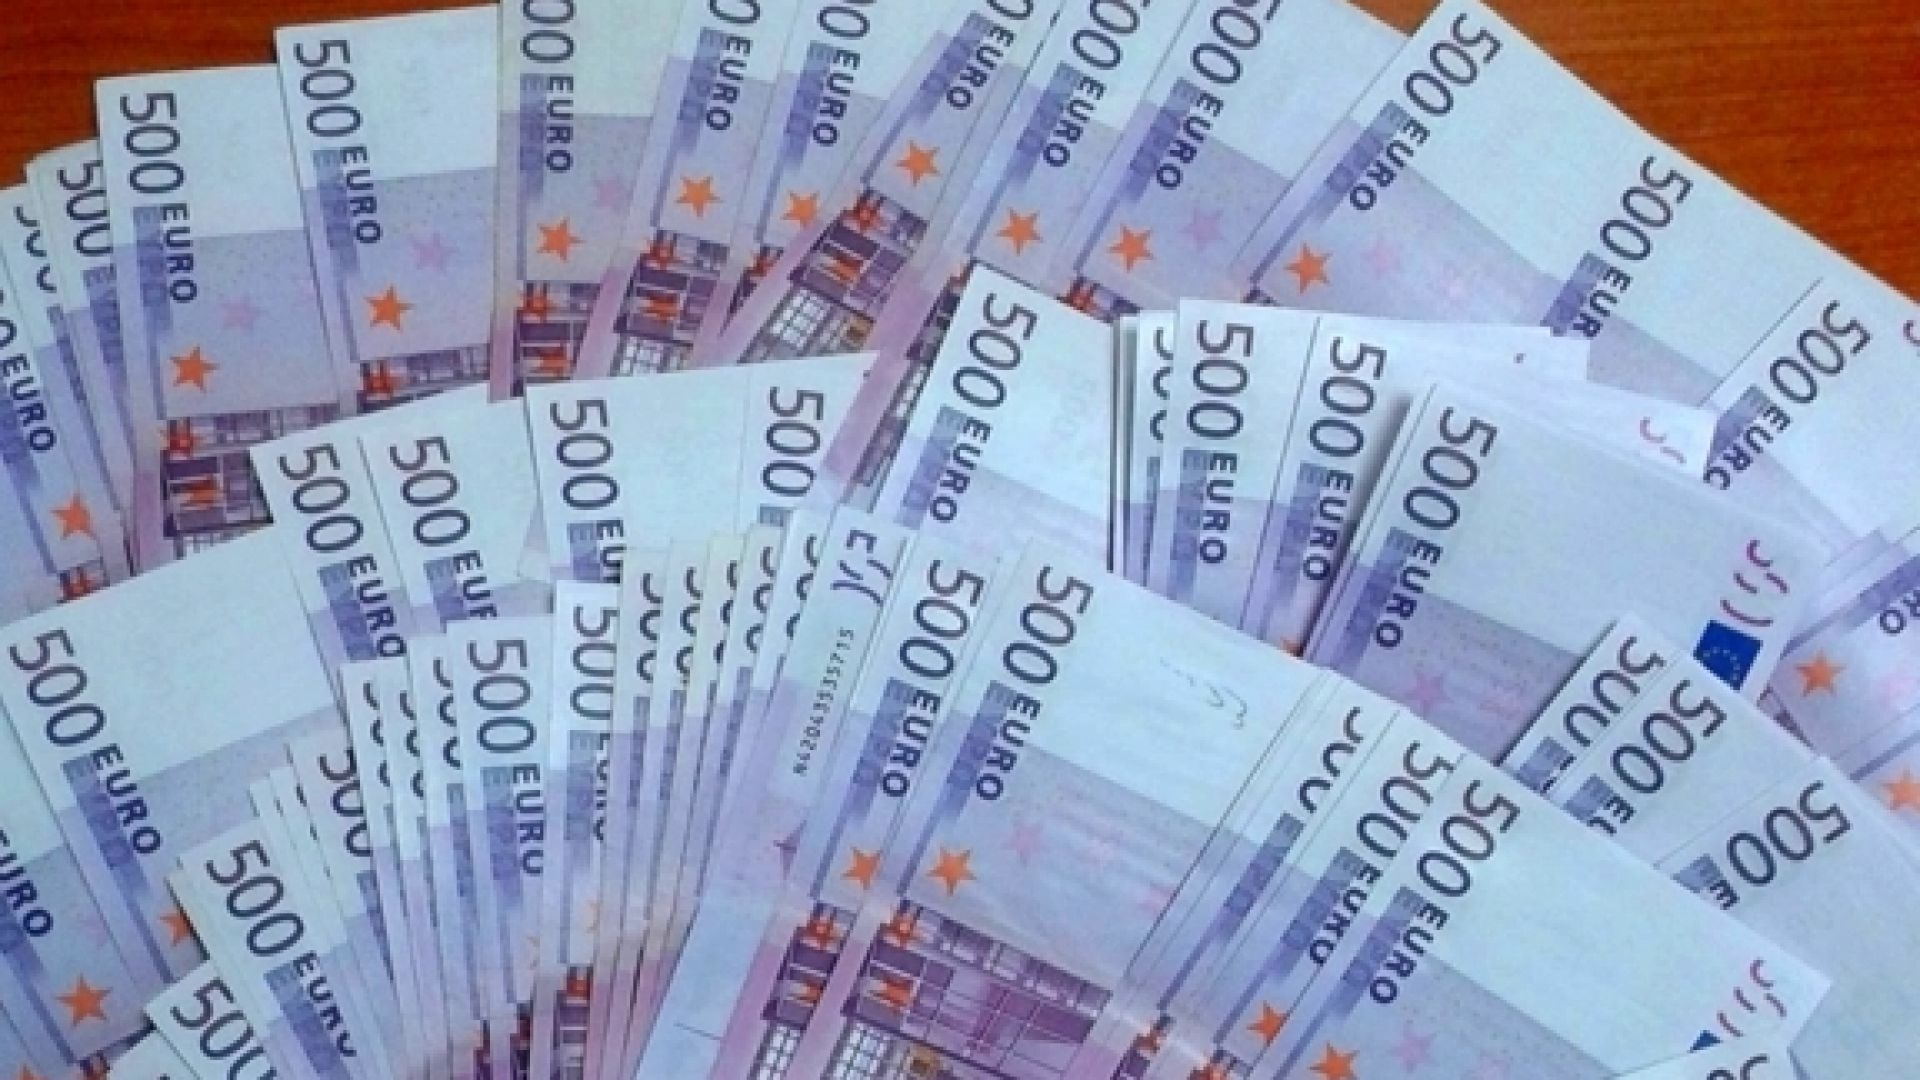 Застрахователите изнесоха близо 4,6 млрд. лв. в чужбина